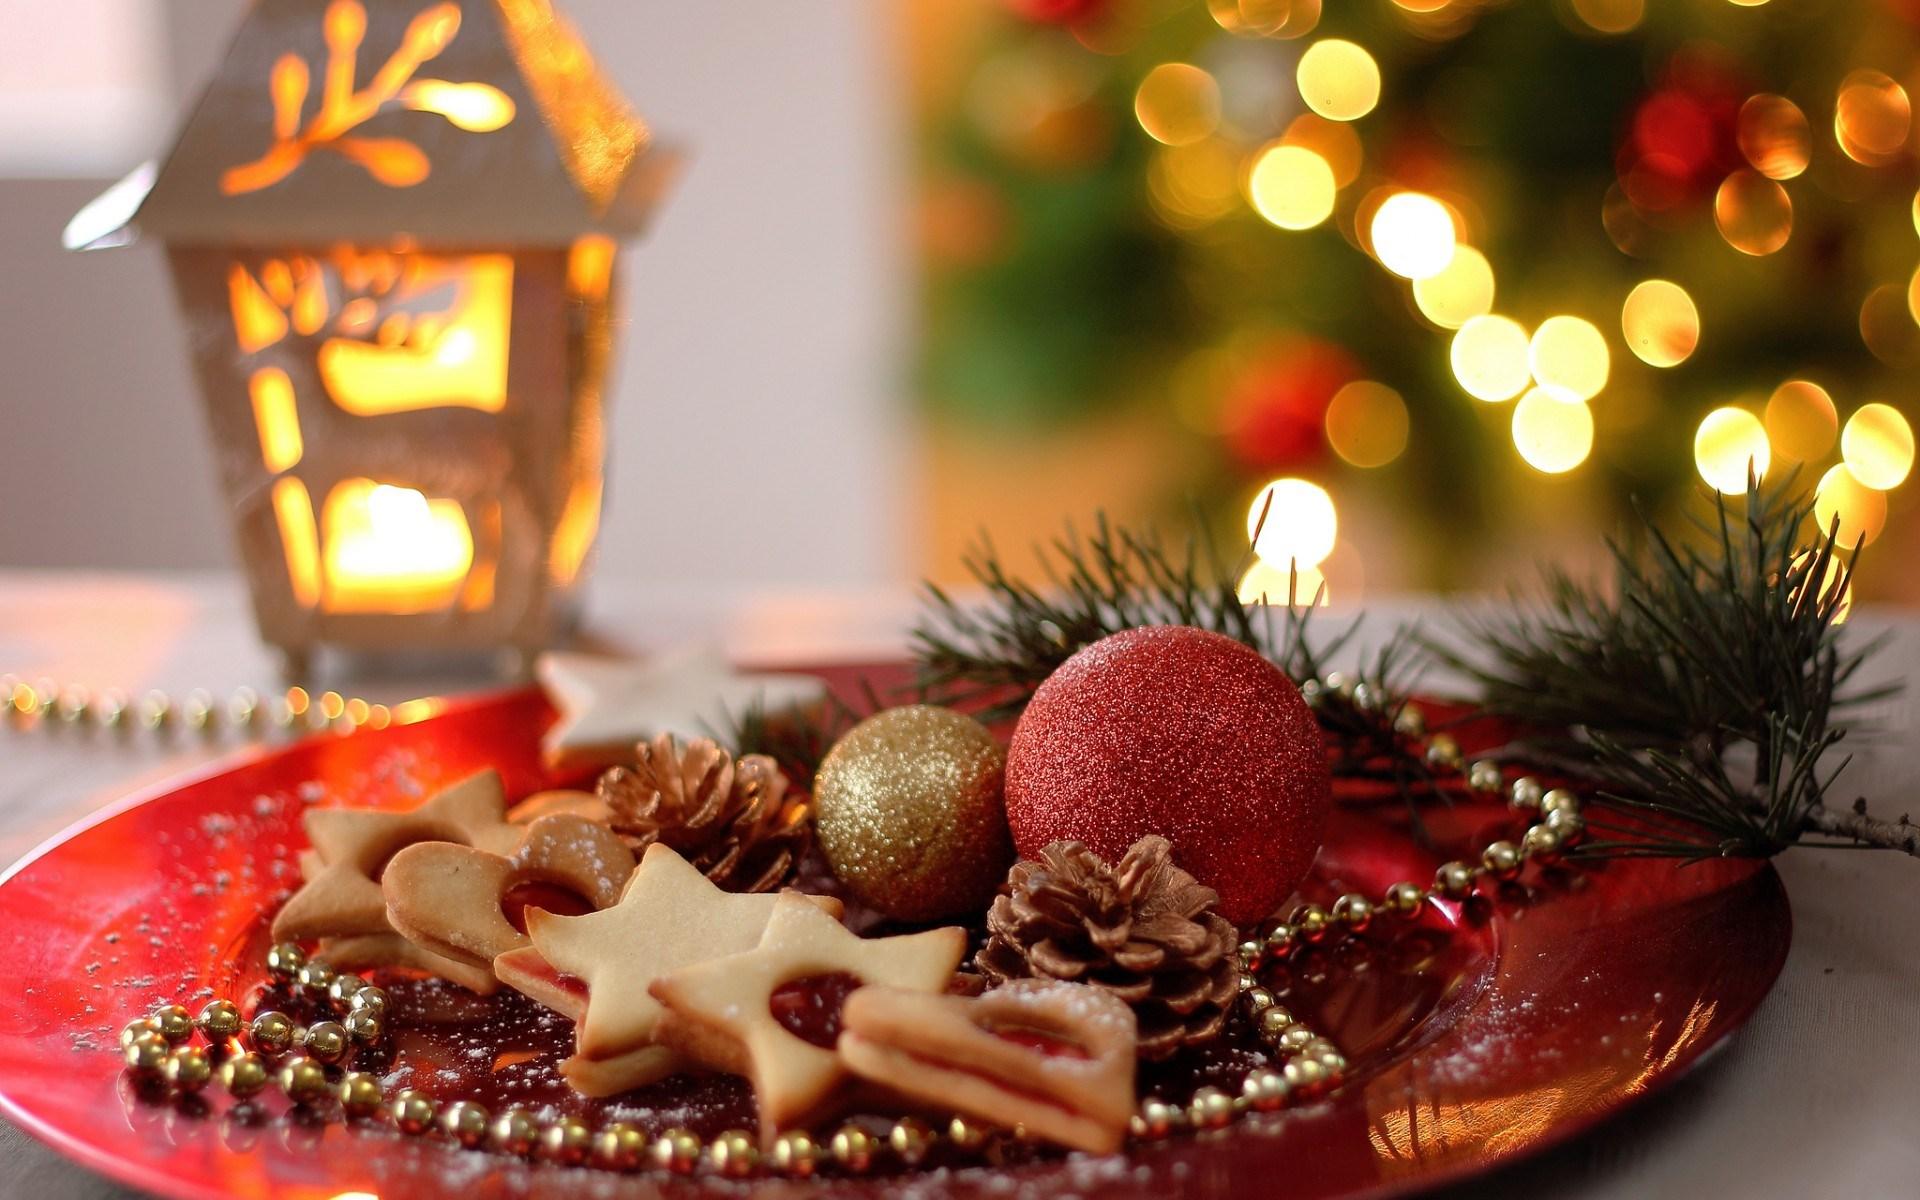 Wonderful Holiday Cookies Wallpaper